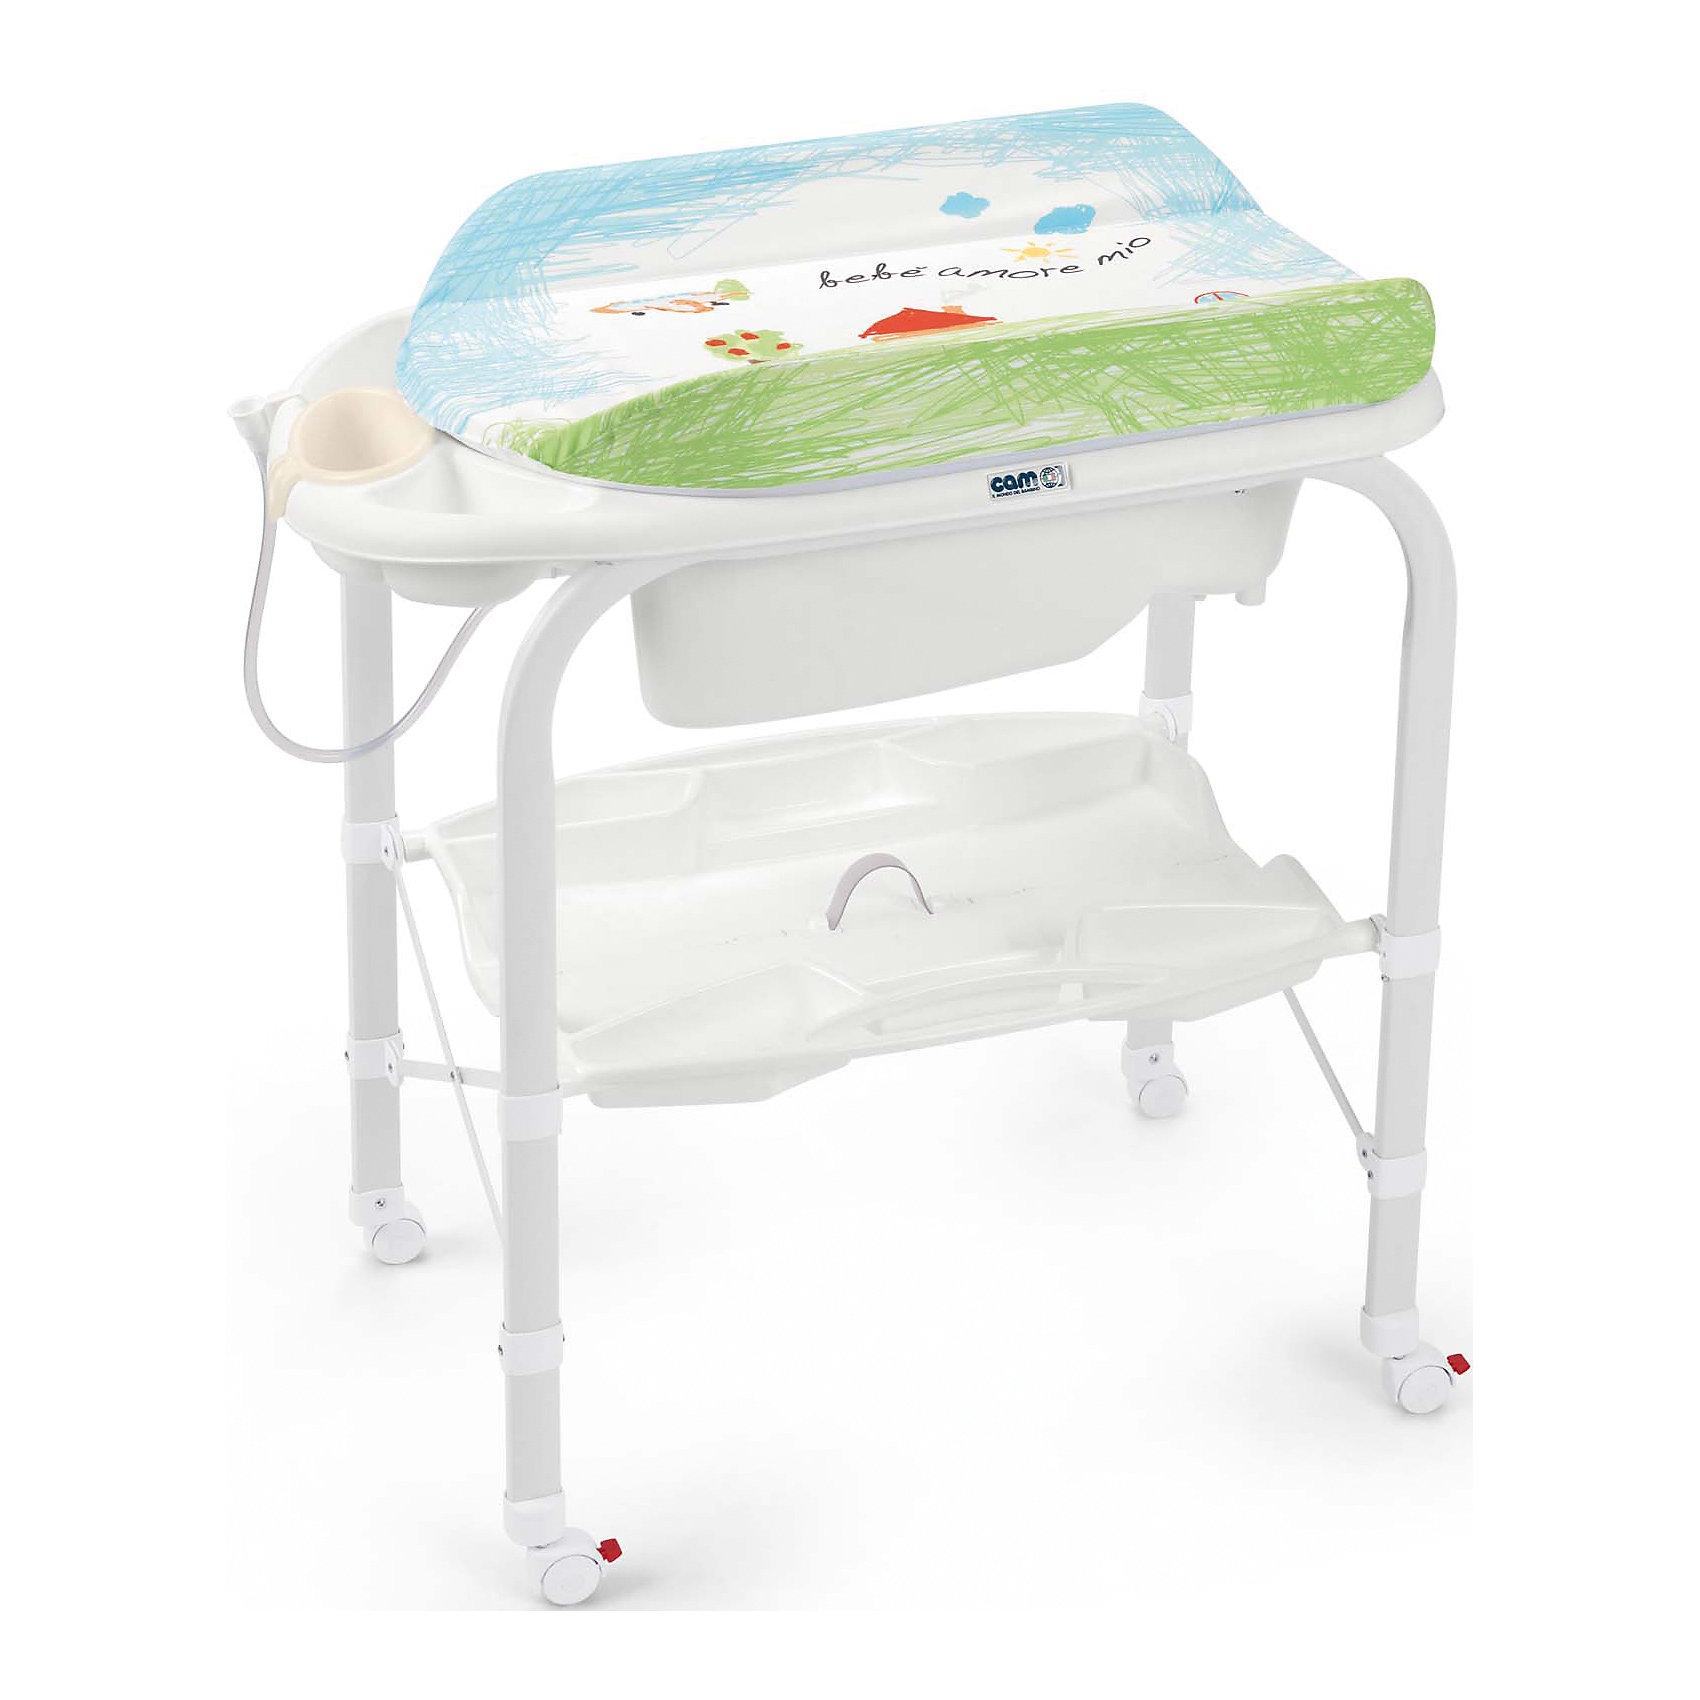 Пеленальный столик Cambio, CAM, совы.Все для пеленания<br>Пеленальный стол Cambio, CAM, идеально подходит для удобного и комфортного ухода за малышом. Основу конструкции составляет металлический каркас с закругленными углами. Съемная анатомическая ванночка может использоваться в 2-х позициях: для малышей от 0 до 6 месяцев и от 6 до 12 месяцев. Предусмотрены отделения для губки и мыла и отверстие для подвода воды через трубку. Под дном ванночки крепится удобный пластиковый контейнер с полкой-держателем для бутылочек и необходимых принадлежностей во время купания. Мягкий съемный пеленальный матрасик с высокими бортиками надежно и бережно поддерживает спинку малыша, оснащен системой безопасного крепления и предотвращения падения. Столик оборудован четырьмя колесиками, два из которых со стопорами. Пеленальный столик легко и компактно складывается и не занимает много места при хранении.<br><br><br>Дополнительная информация:<br>- Материал: металл, пластик.<br>- Размер в разложенном виде: 95 x 54 x 104 см.<br>- Размер в сложенном виде: 83 x 31 x 93 см.<br>- Вес: 10,8 кг.<br><br>Пеленальный стол Cambio, CAM, совы можно купить в нашем интернет-магазине.<br><br>Ширина мм: 965<br>Глубина мм: 209<br>Высота мм: 800<br>Вес г: 13600<br>Возраст от месяцев: 0<br>Возраст до месяцев: 12<br>Пол: Унисекс<br>Возраст: Детский<br>SKU: 5111808